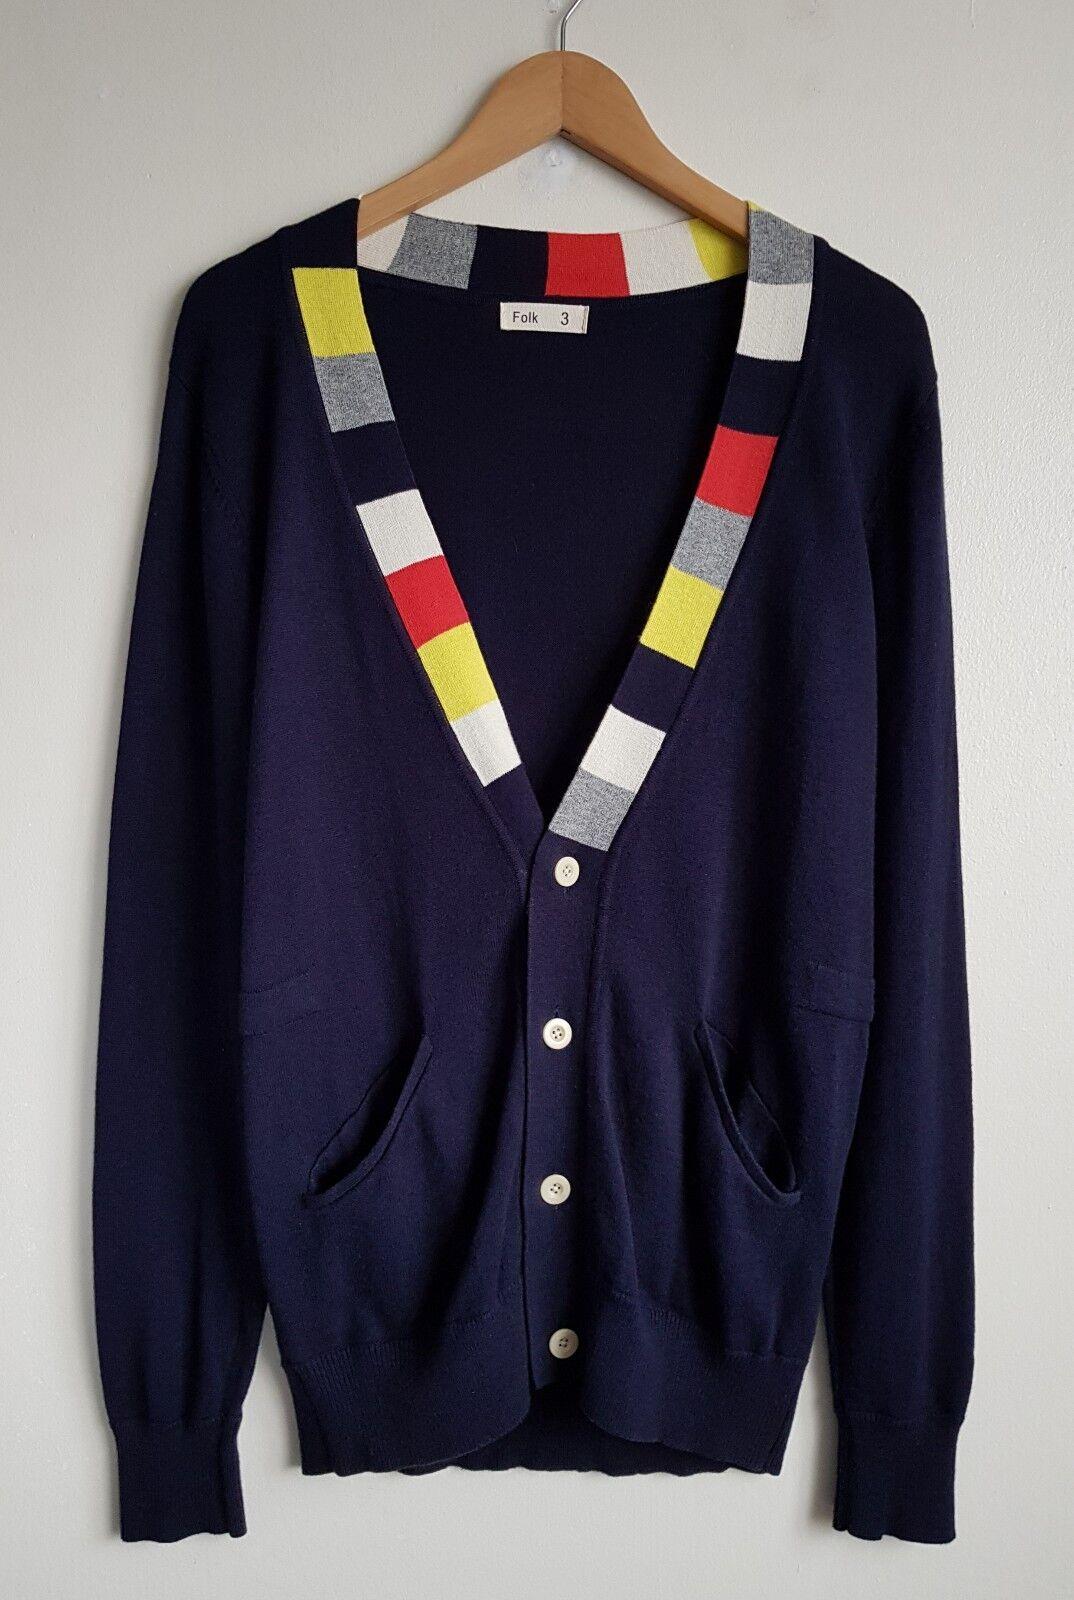 FOLK FOLK FOLK Clothing Donna Blu Scuro Misto Lana Cardigan Taglia 3 59979a